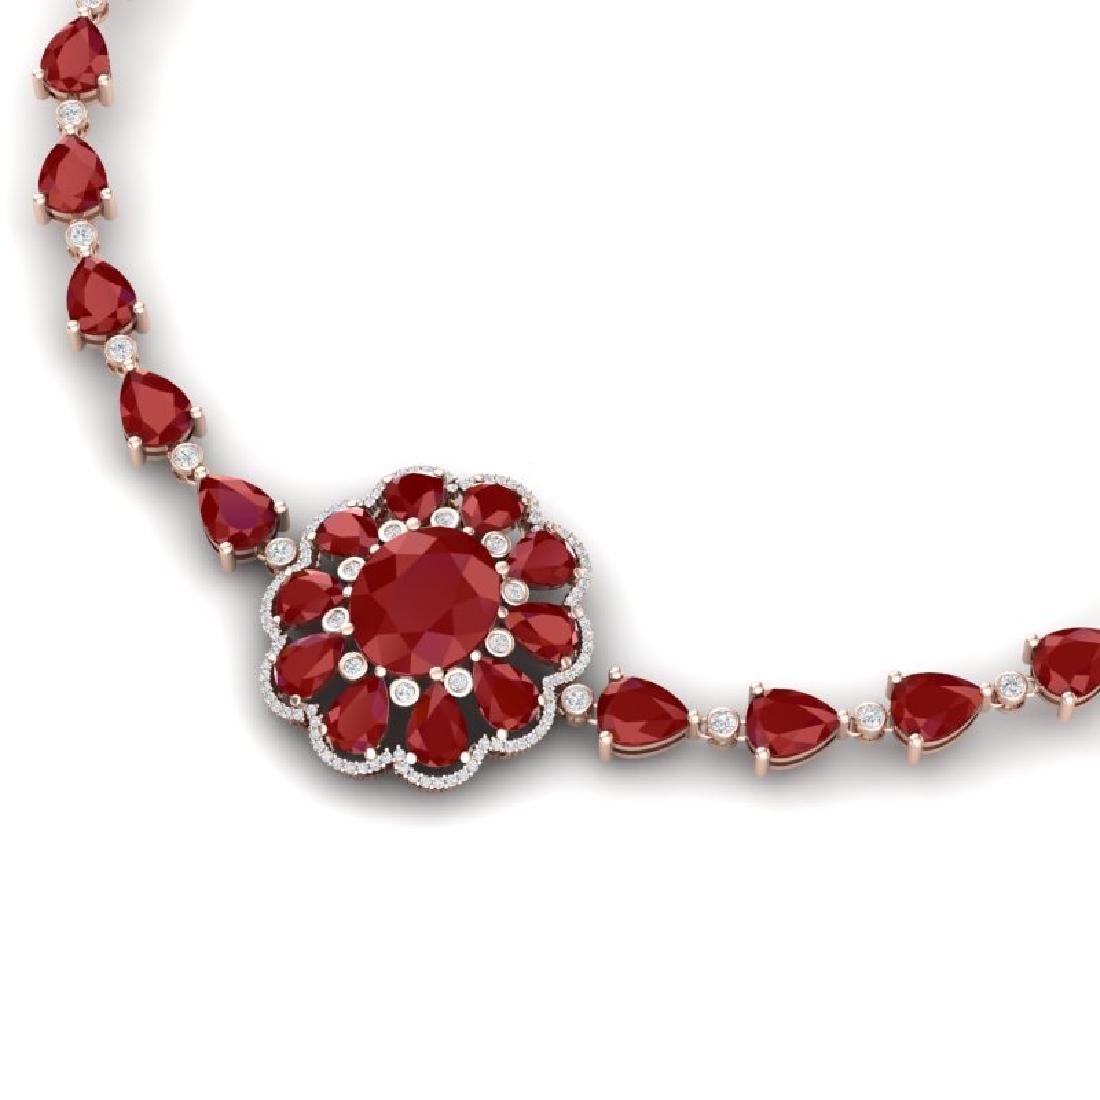 78.98 CTW Royalty Ruby & VS Diamond Necklace 18K Rose